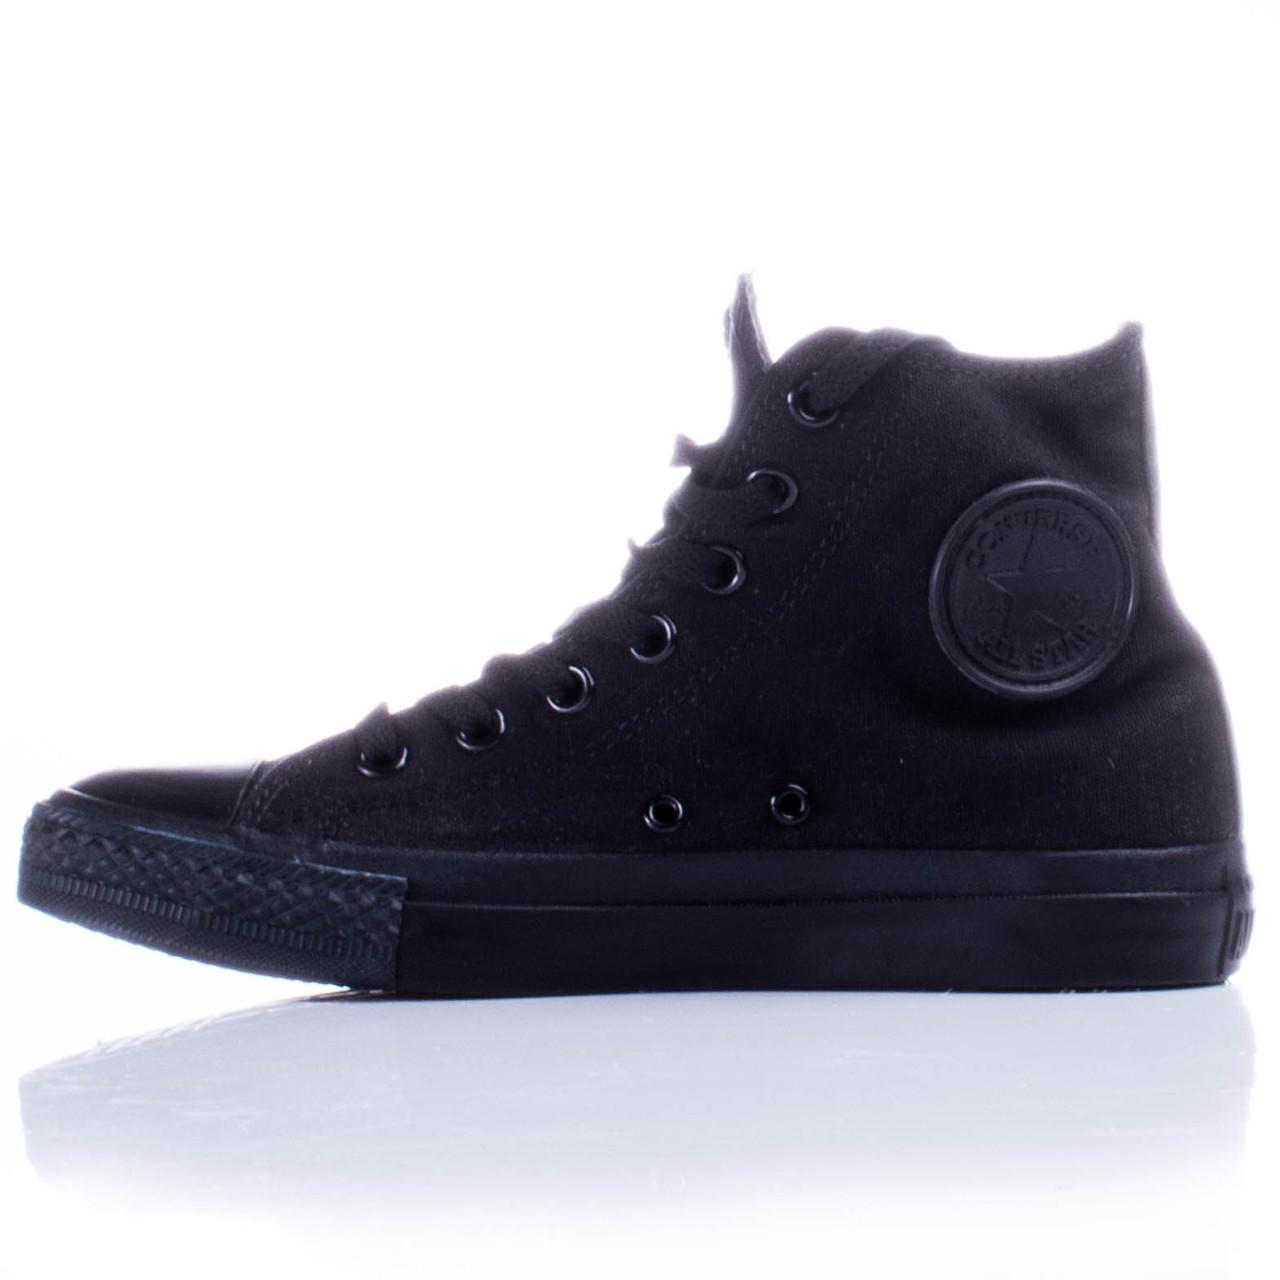 Кеды Converse All Star Black Monochrome (Чёрные высокие)  продажа ... c26519a5787